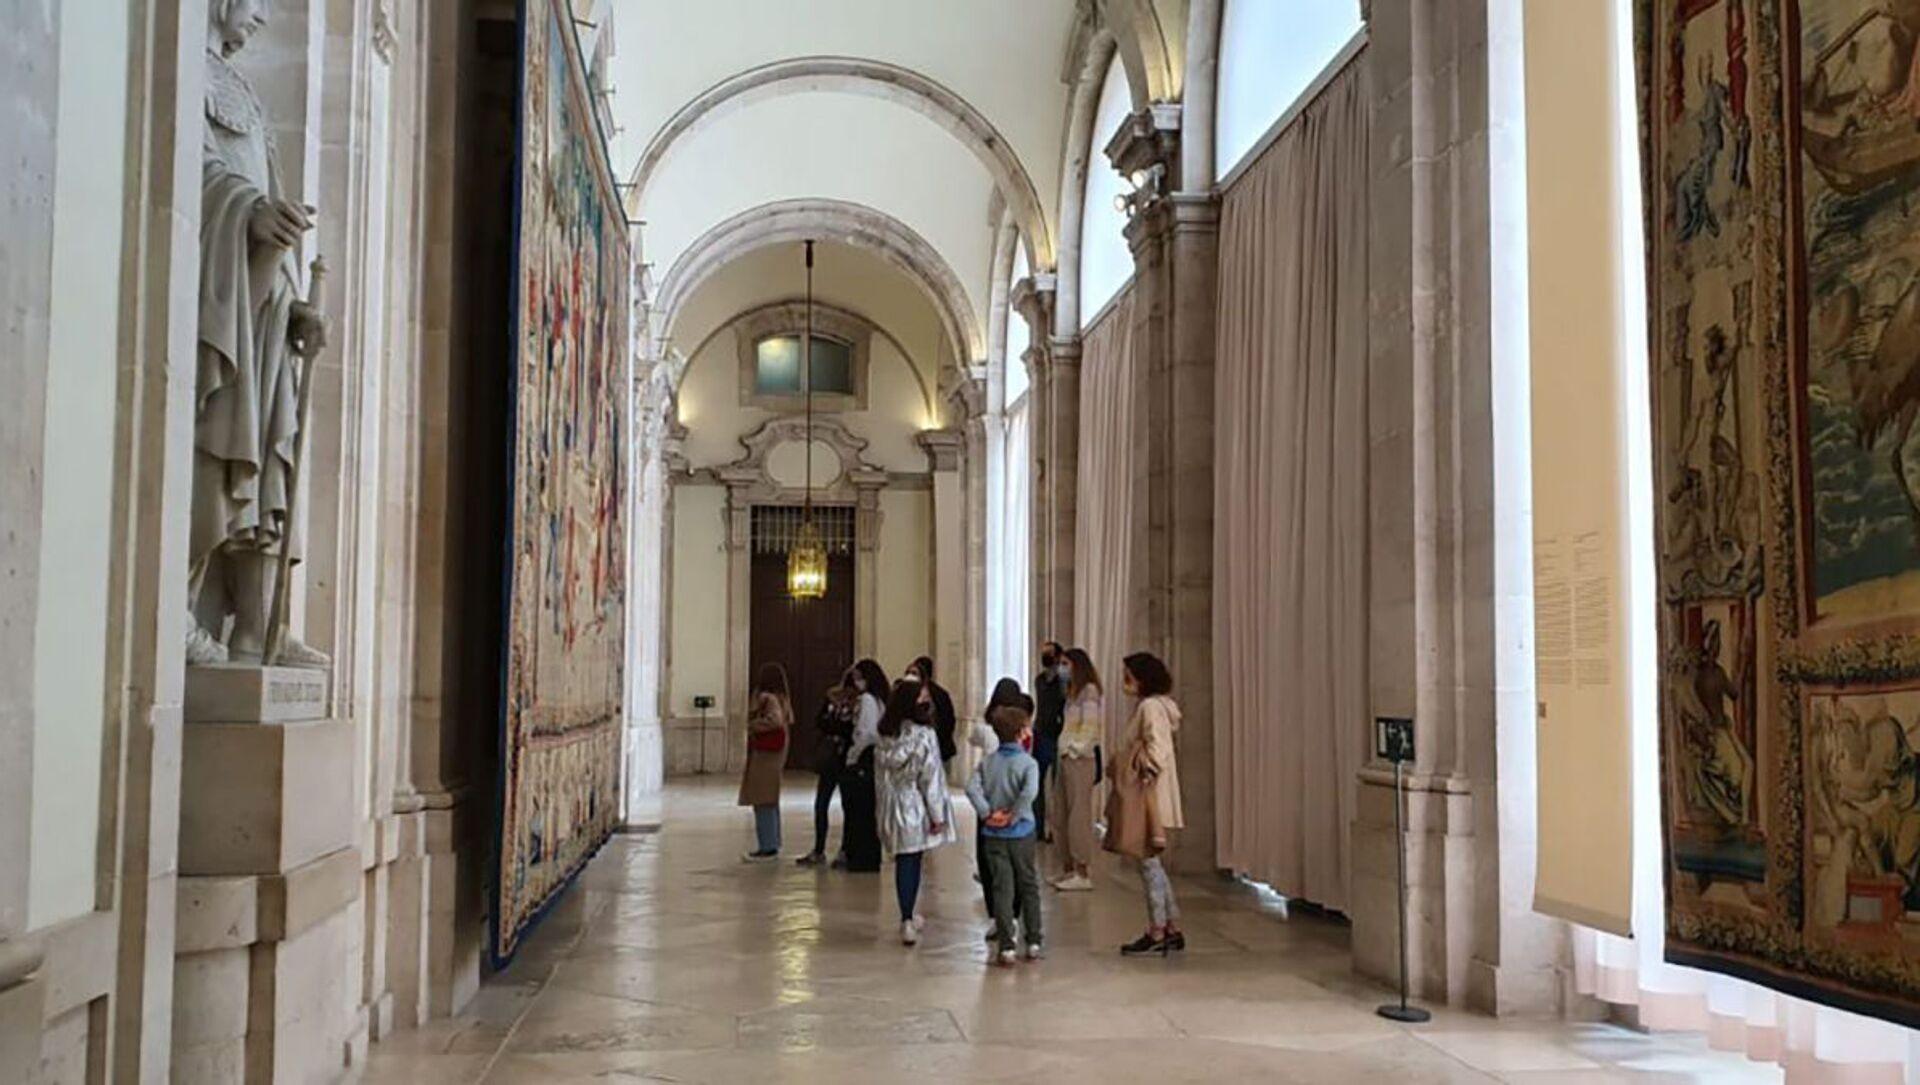 Słynne gobeliny Rafaela w dużej galerii Pałacu Królewskiego w Madrycie. - Sputnik Polska, 1920, 10.06.2021